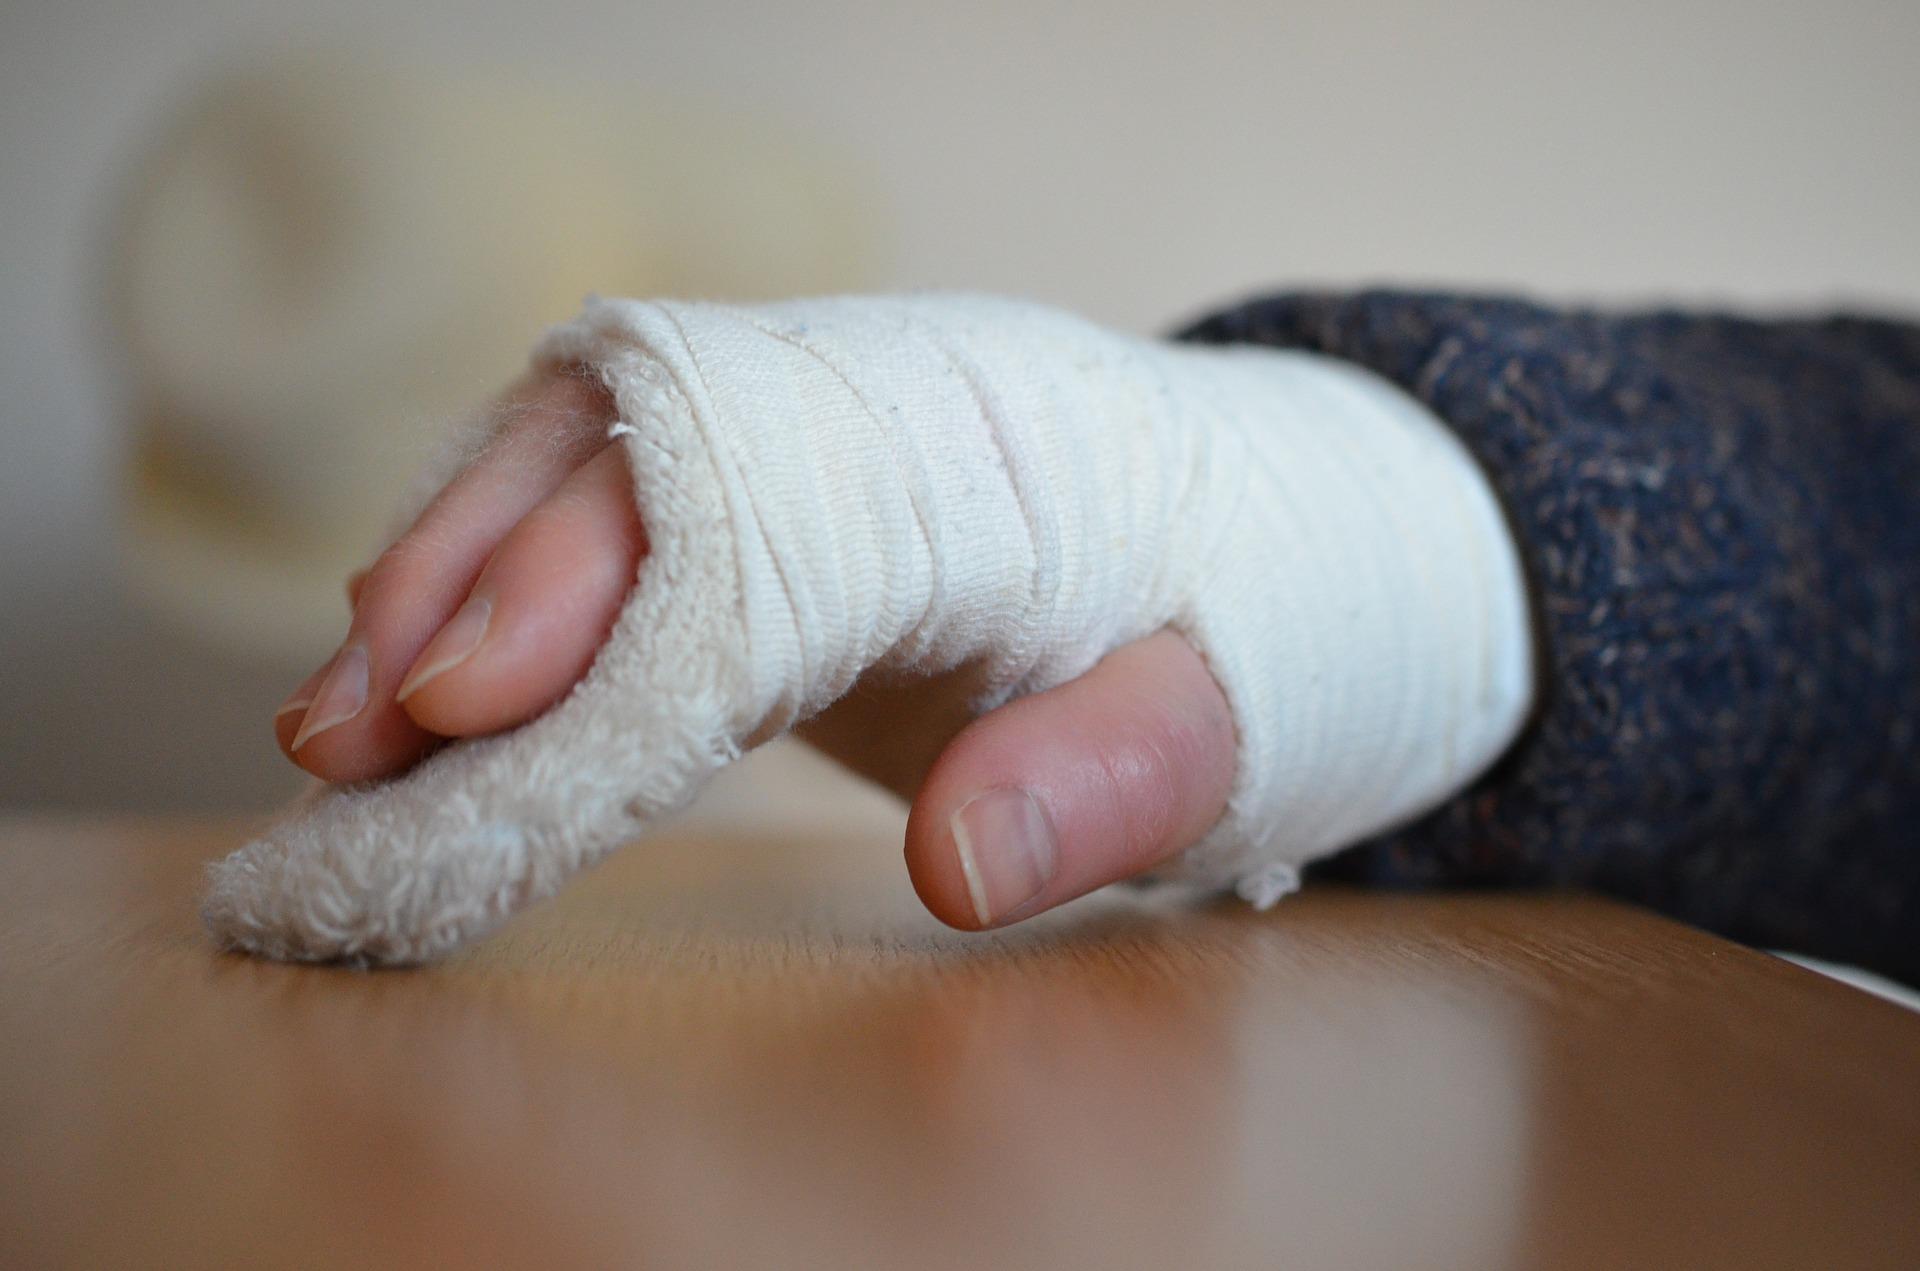 Jednorazowe odszkodowanie z ZUS z tytułu wypadku przy pracy – kwoty odszkodowań